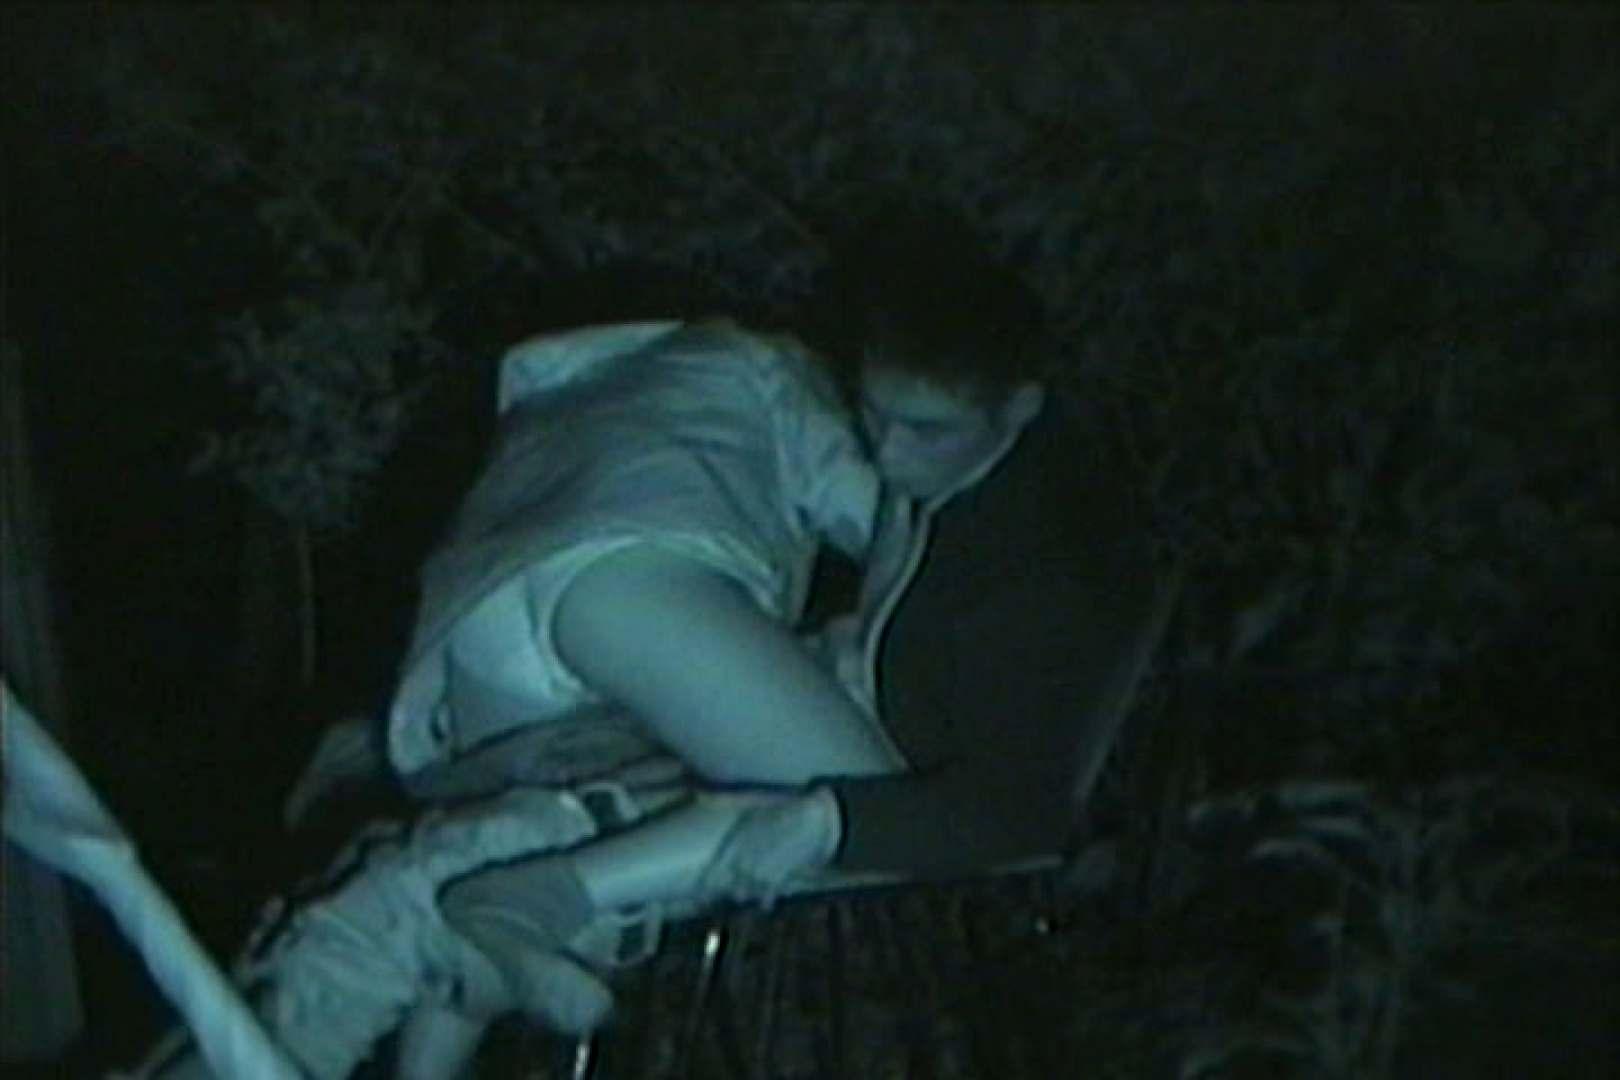 闇の仕掛け人 無修正版 Vol.23 プライベート 隠し撮りセックス画像 53pic 5